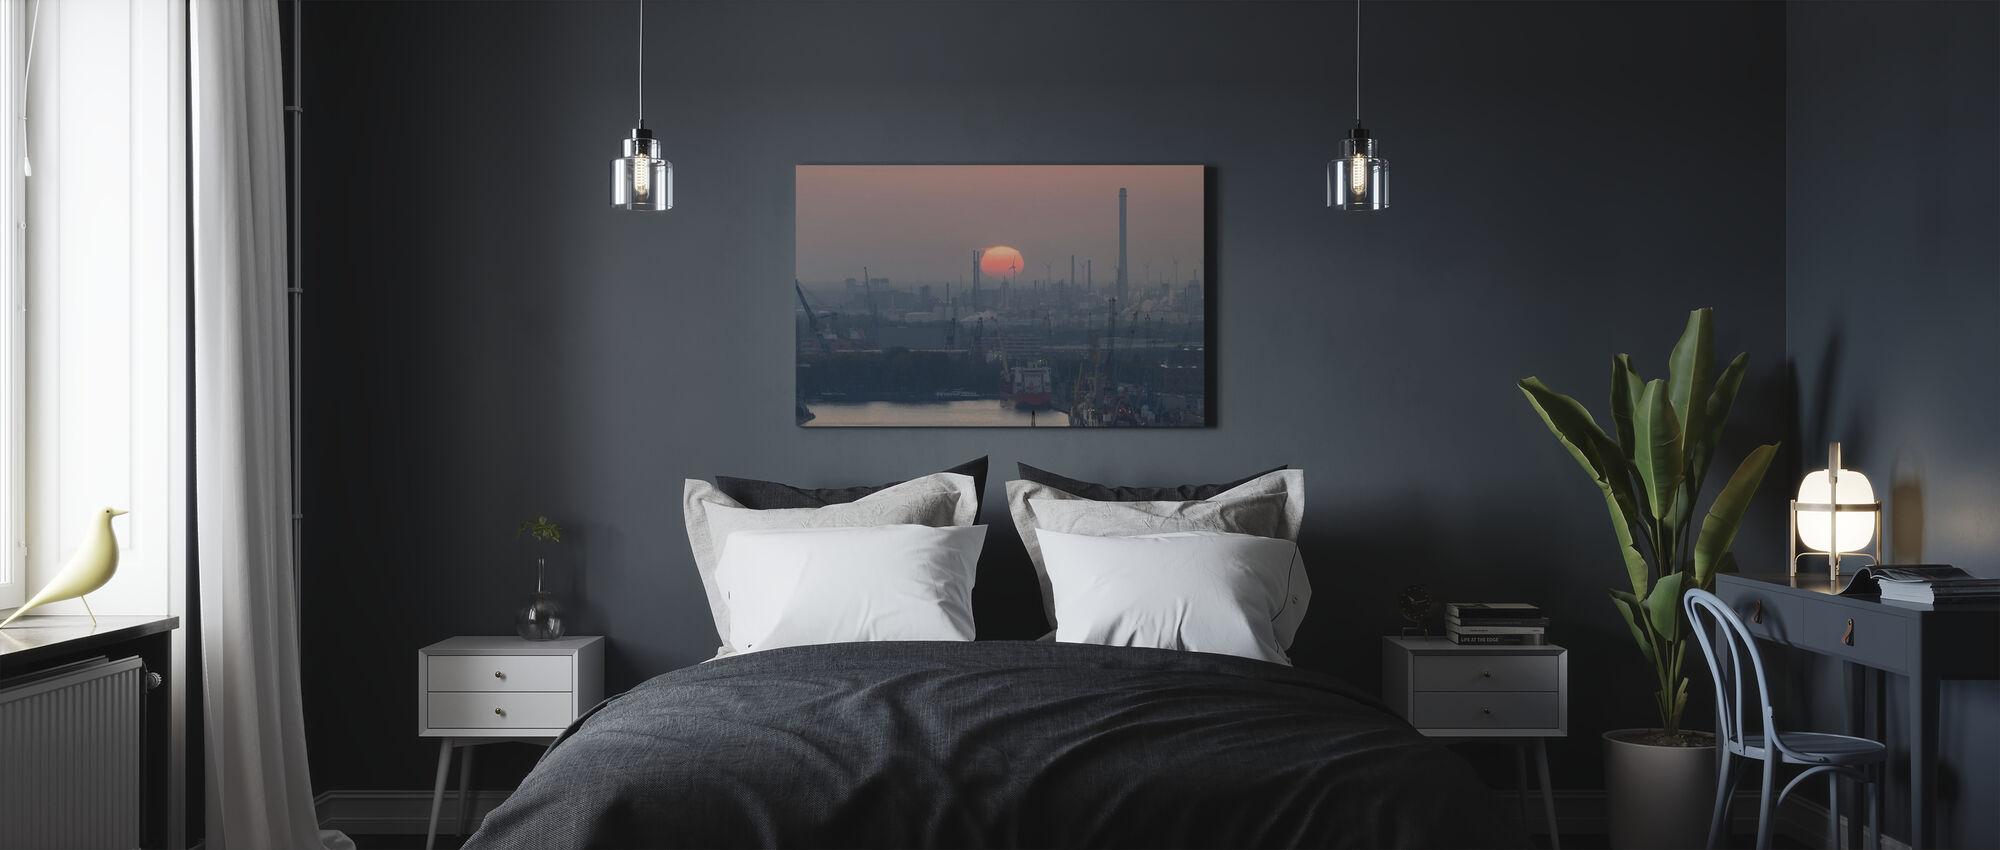 Rotterdam Hafen bei Sonnenuntergang - Leinwandbild - Schlafzimmer